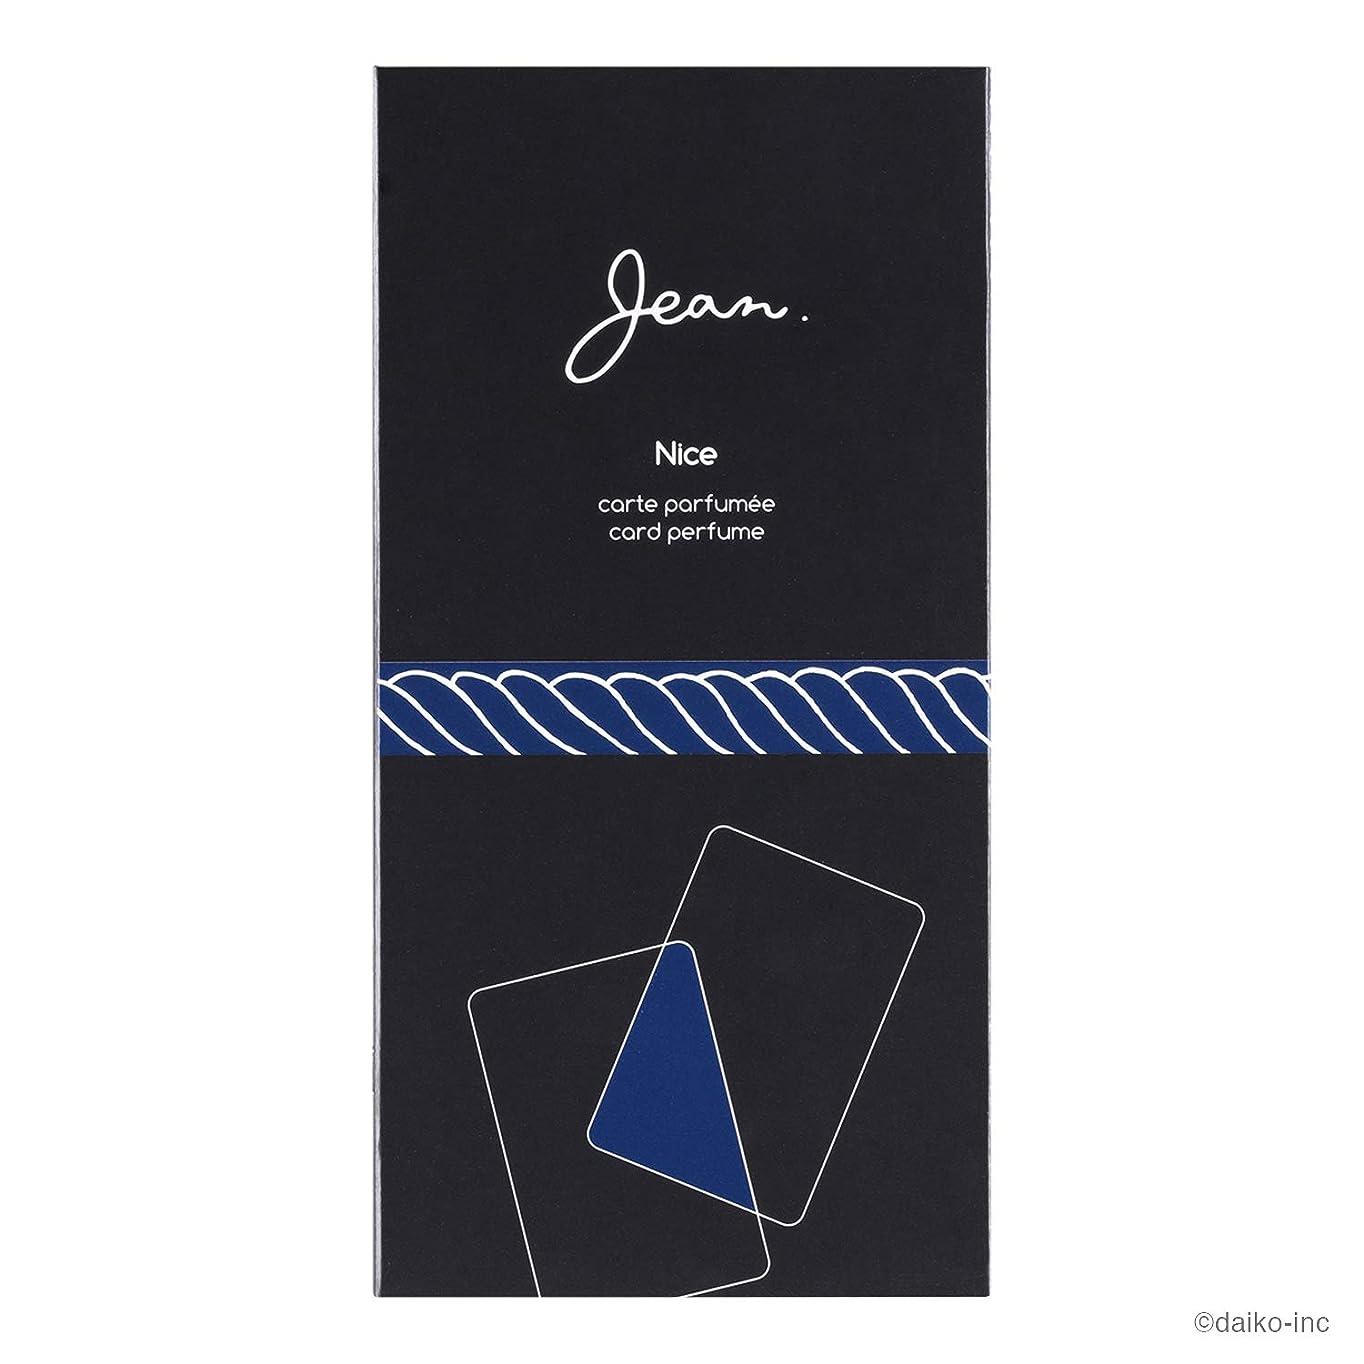 ツイン正しく保守可能Jean.カードパフューム ニース